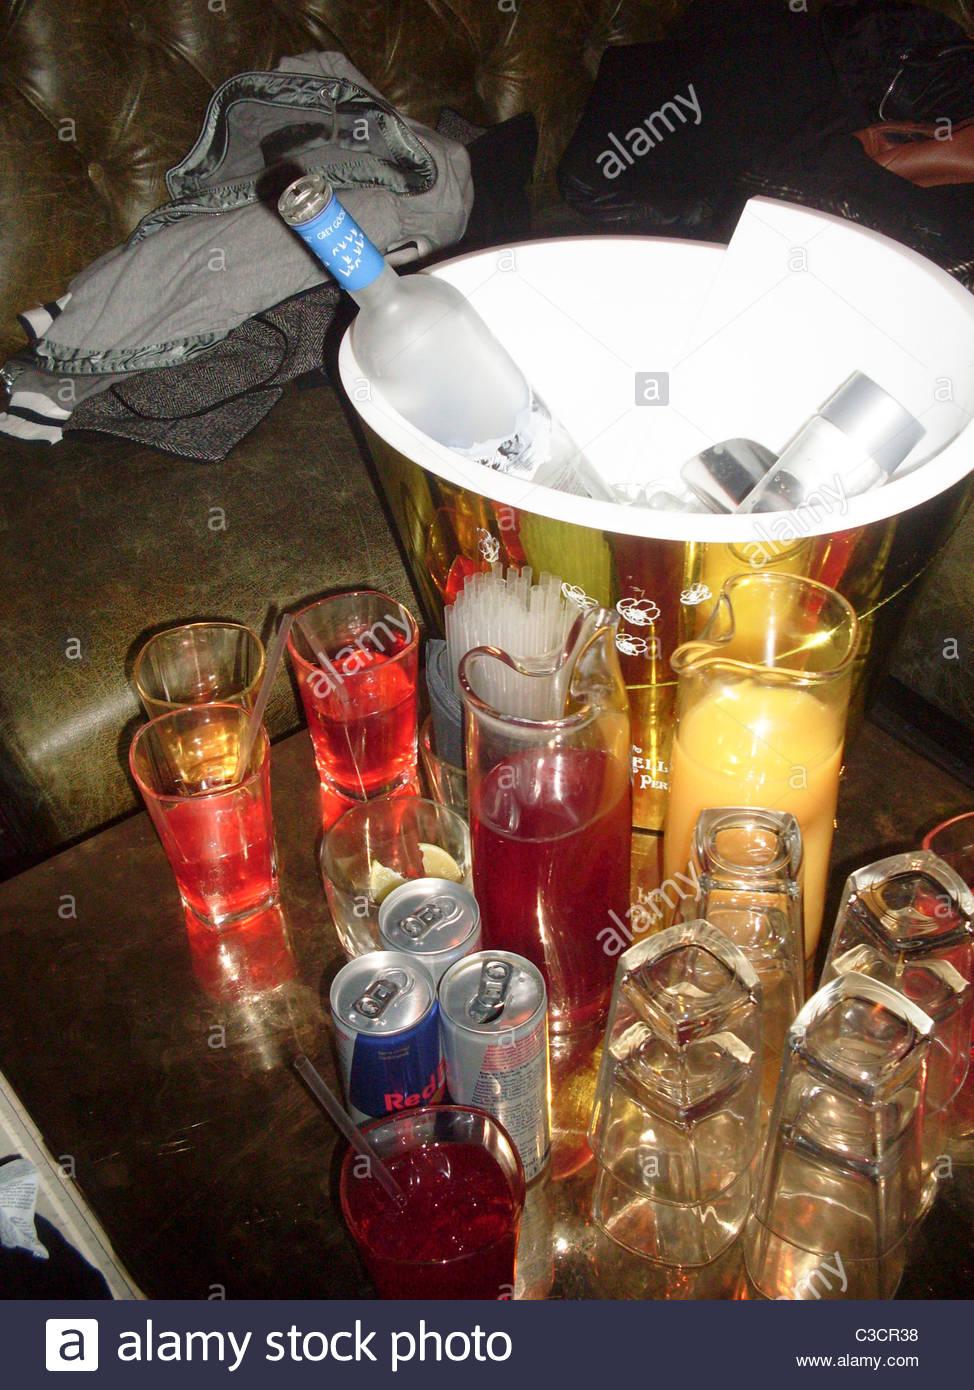 Regno Unito, Inghilterra, London, Mayfair, costoso Nightclub Tabella con Secchio champagne riempito con cubetti Immagini Stock